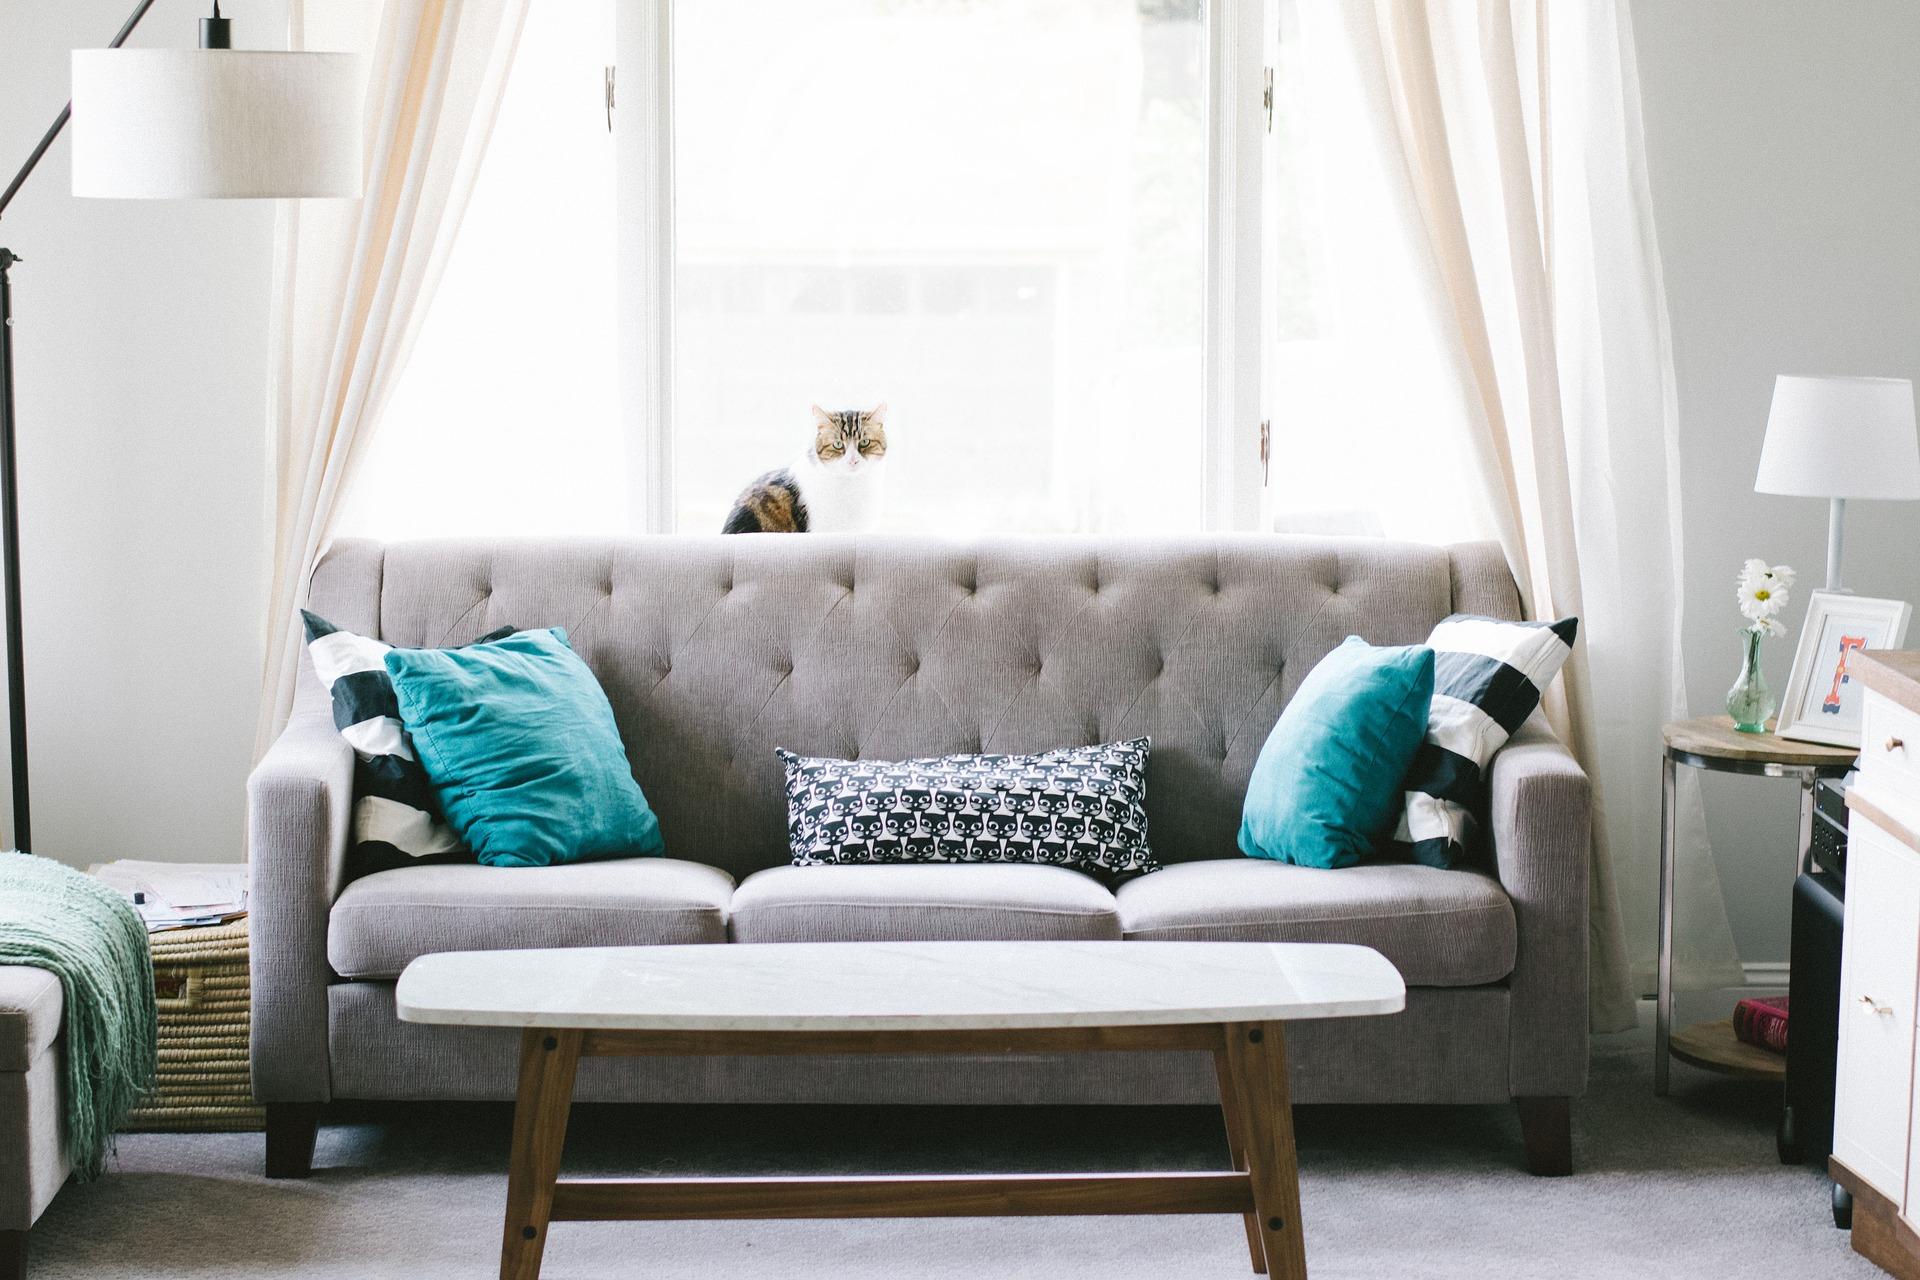 15 минут на уборку: помощники для дома, которые сэкономят ваше время и деньги